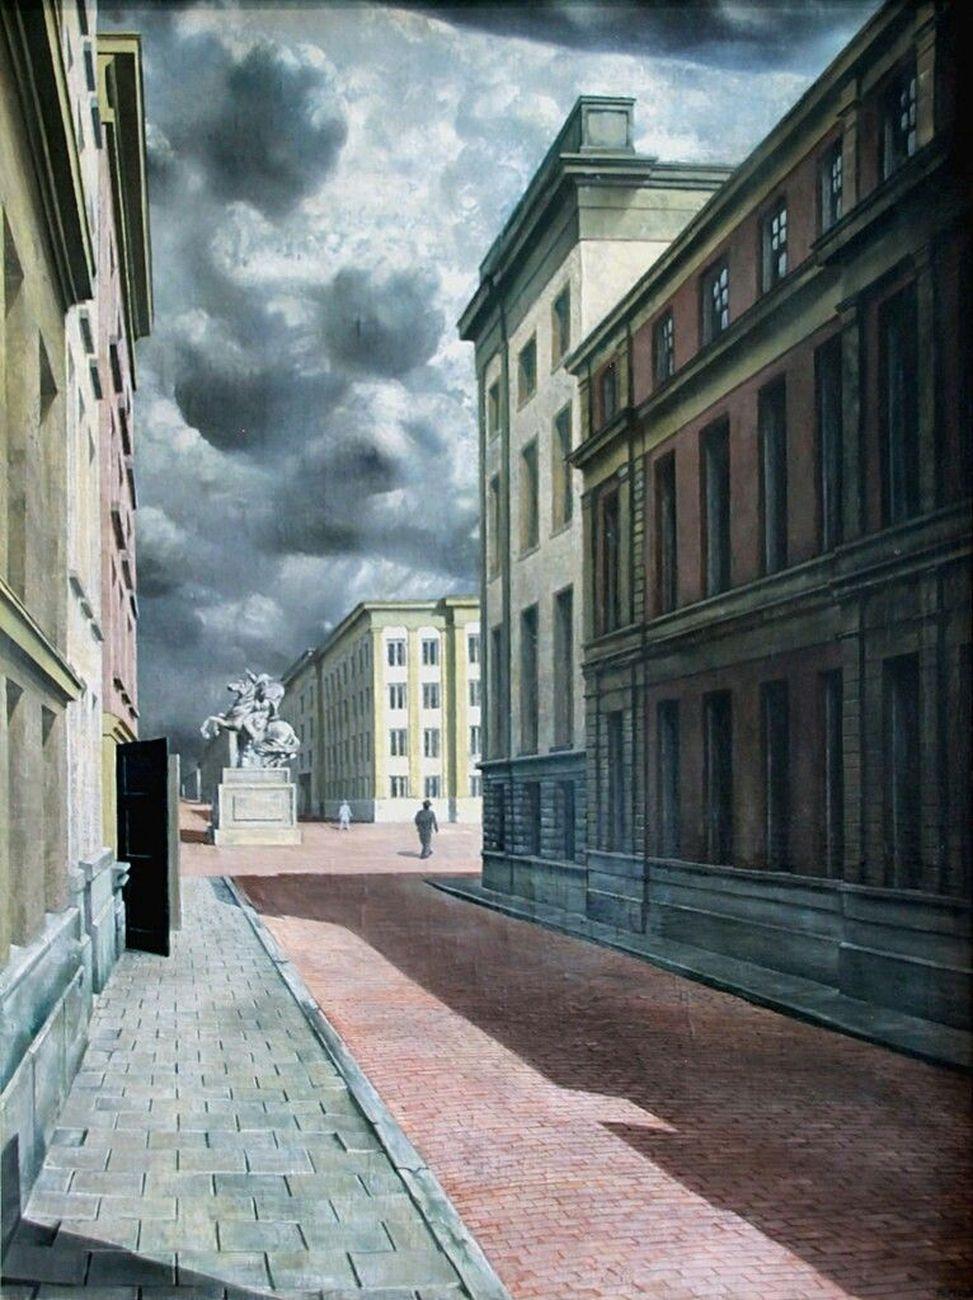 Carel Willink, Strada con statua, 1934